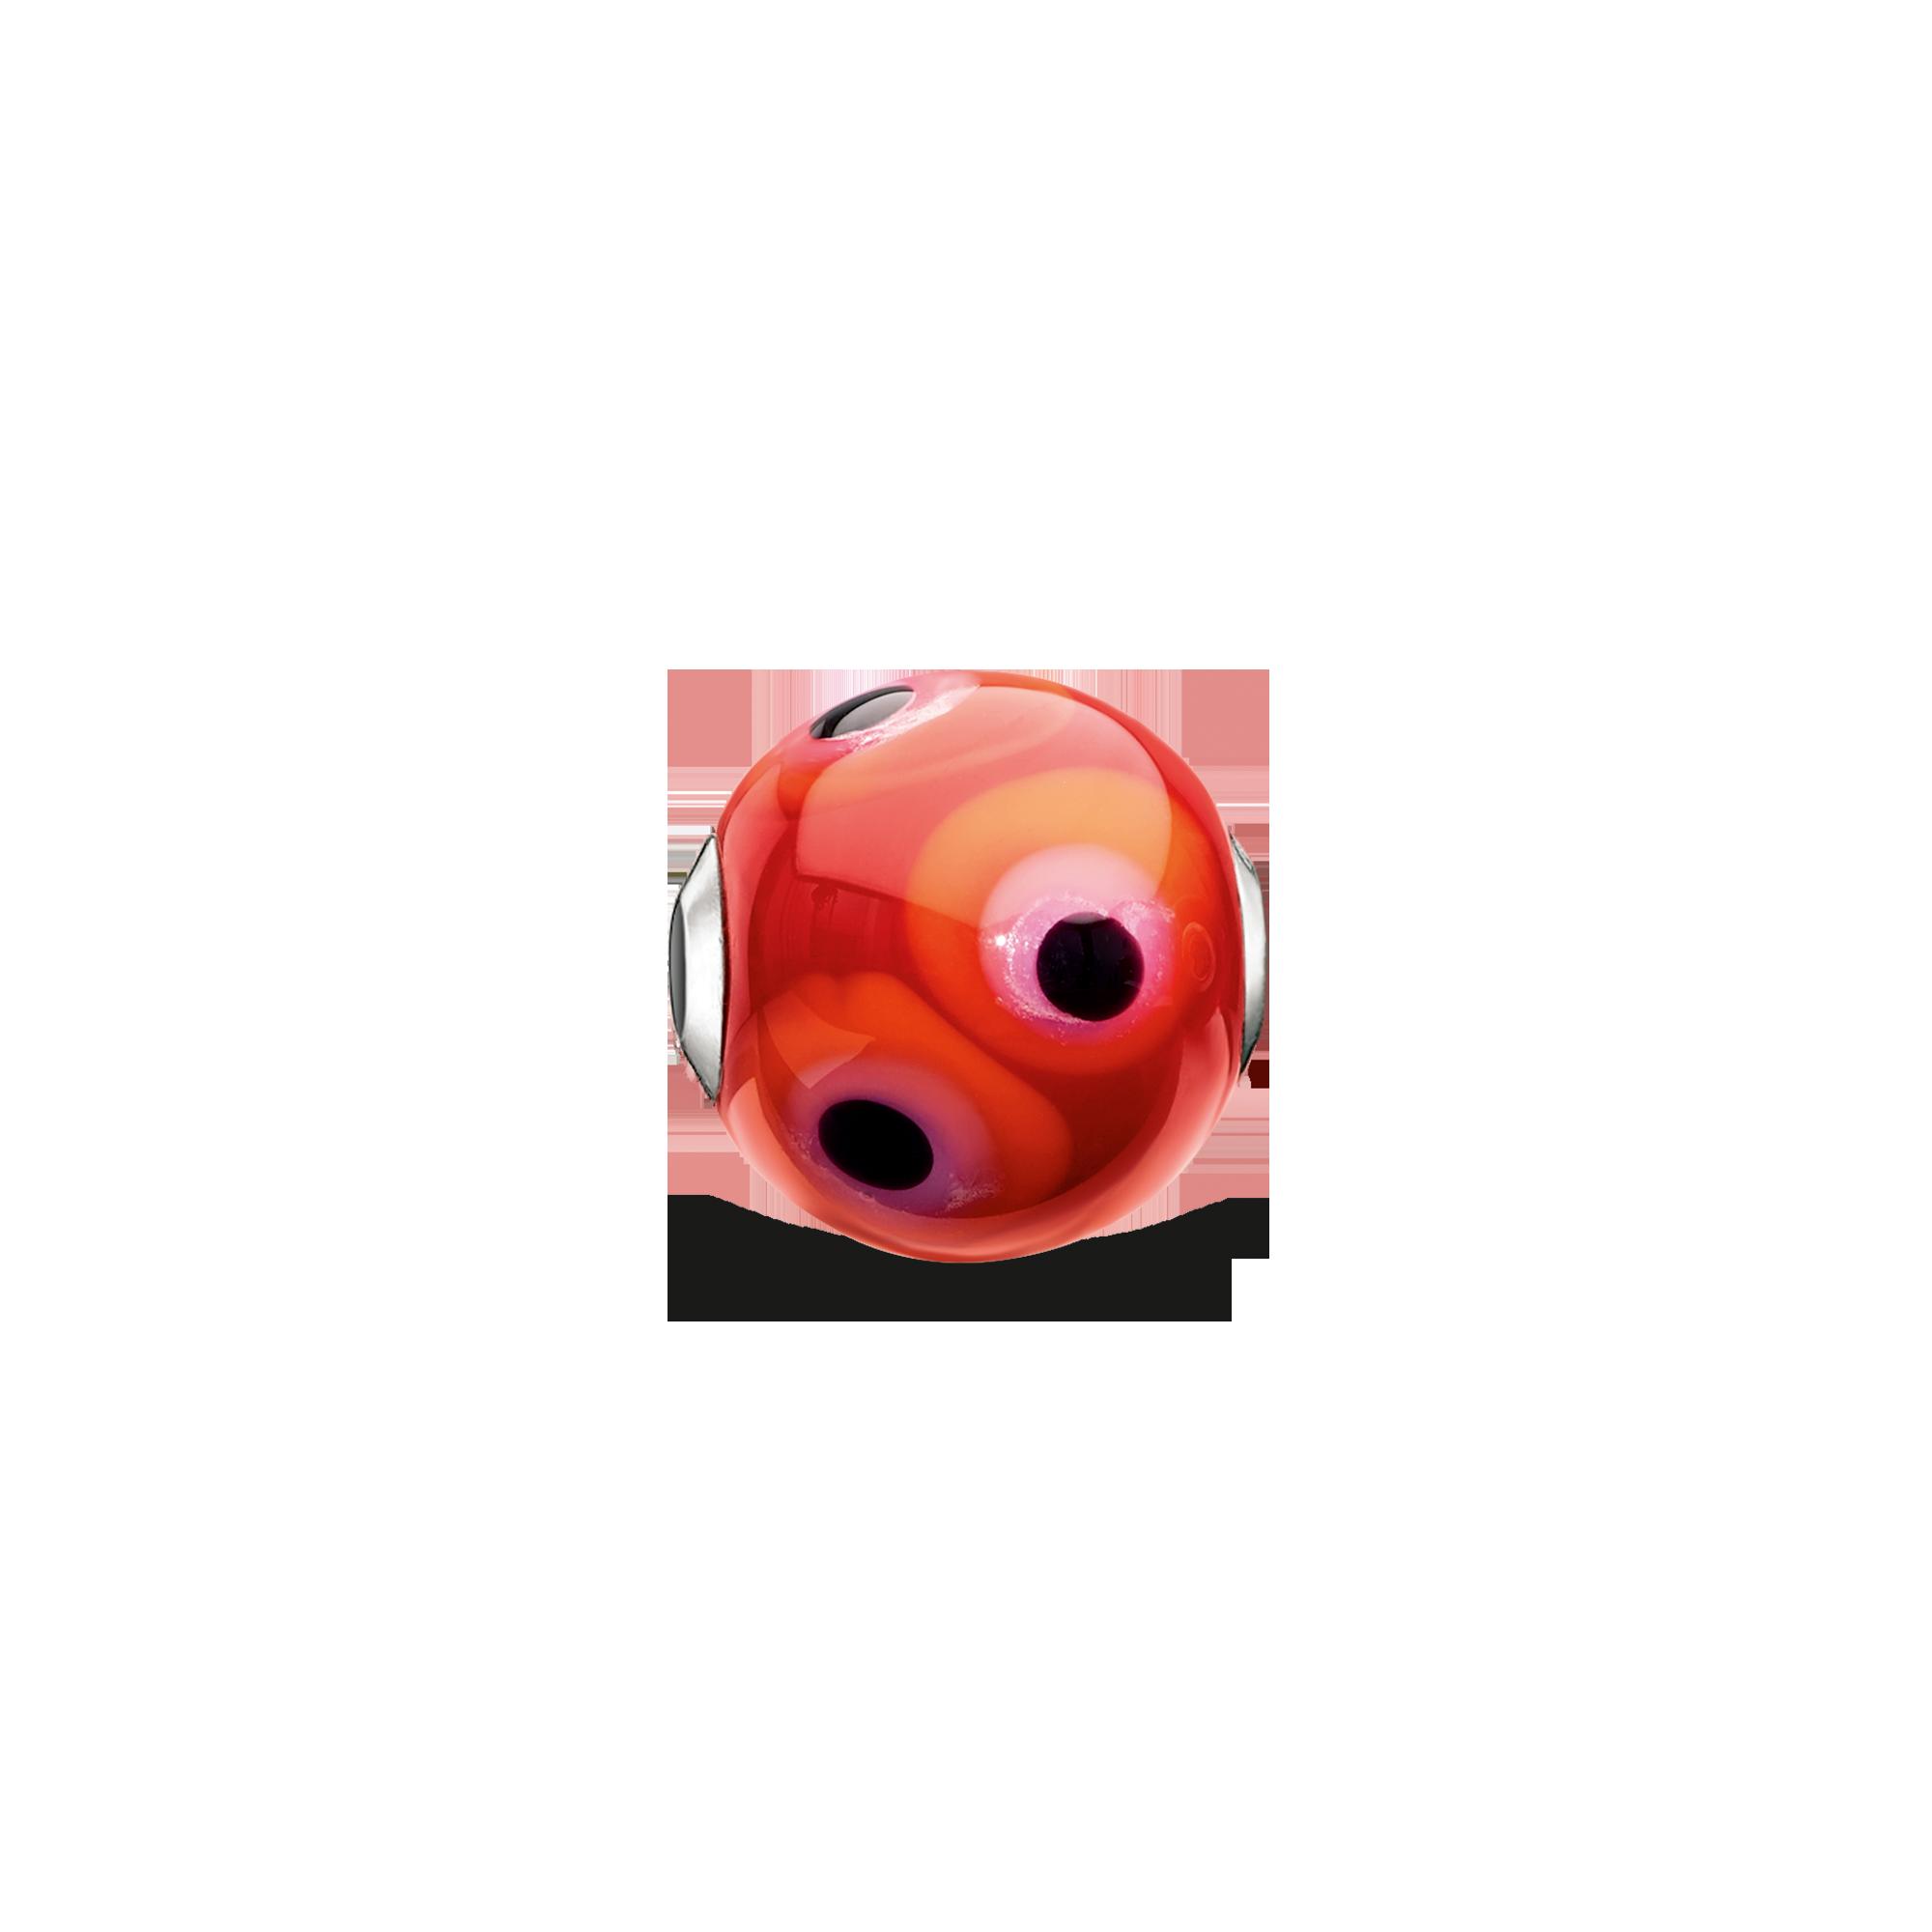 """Thomas Sabo - Bead """"Glass Bead Red, Black, Hot Pink, Orange"""" - 1"""